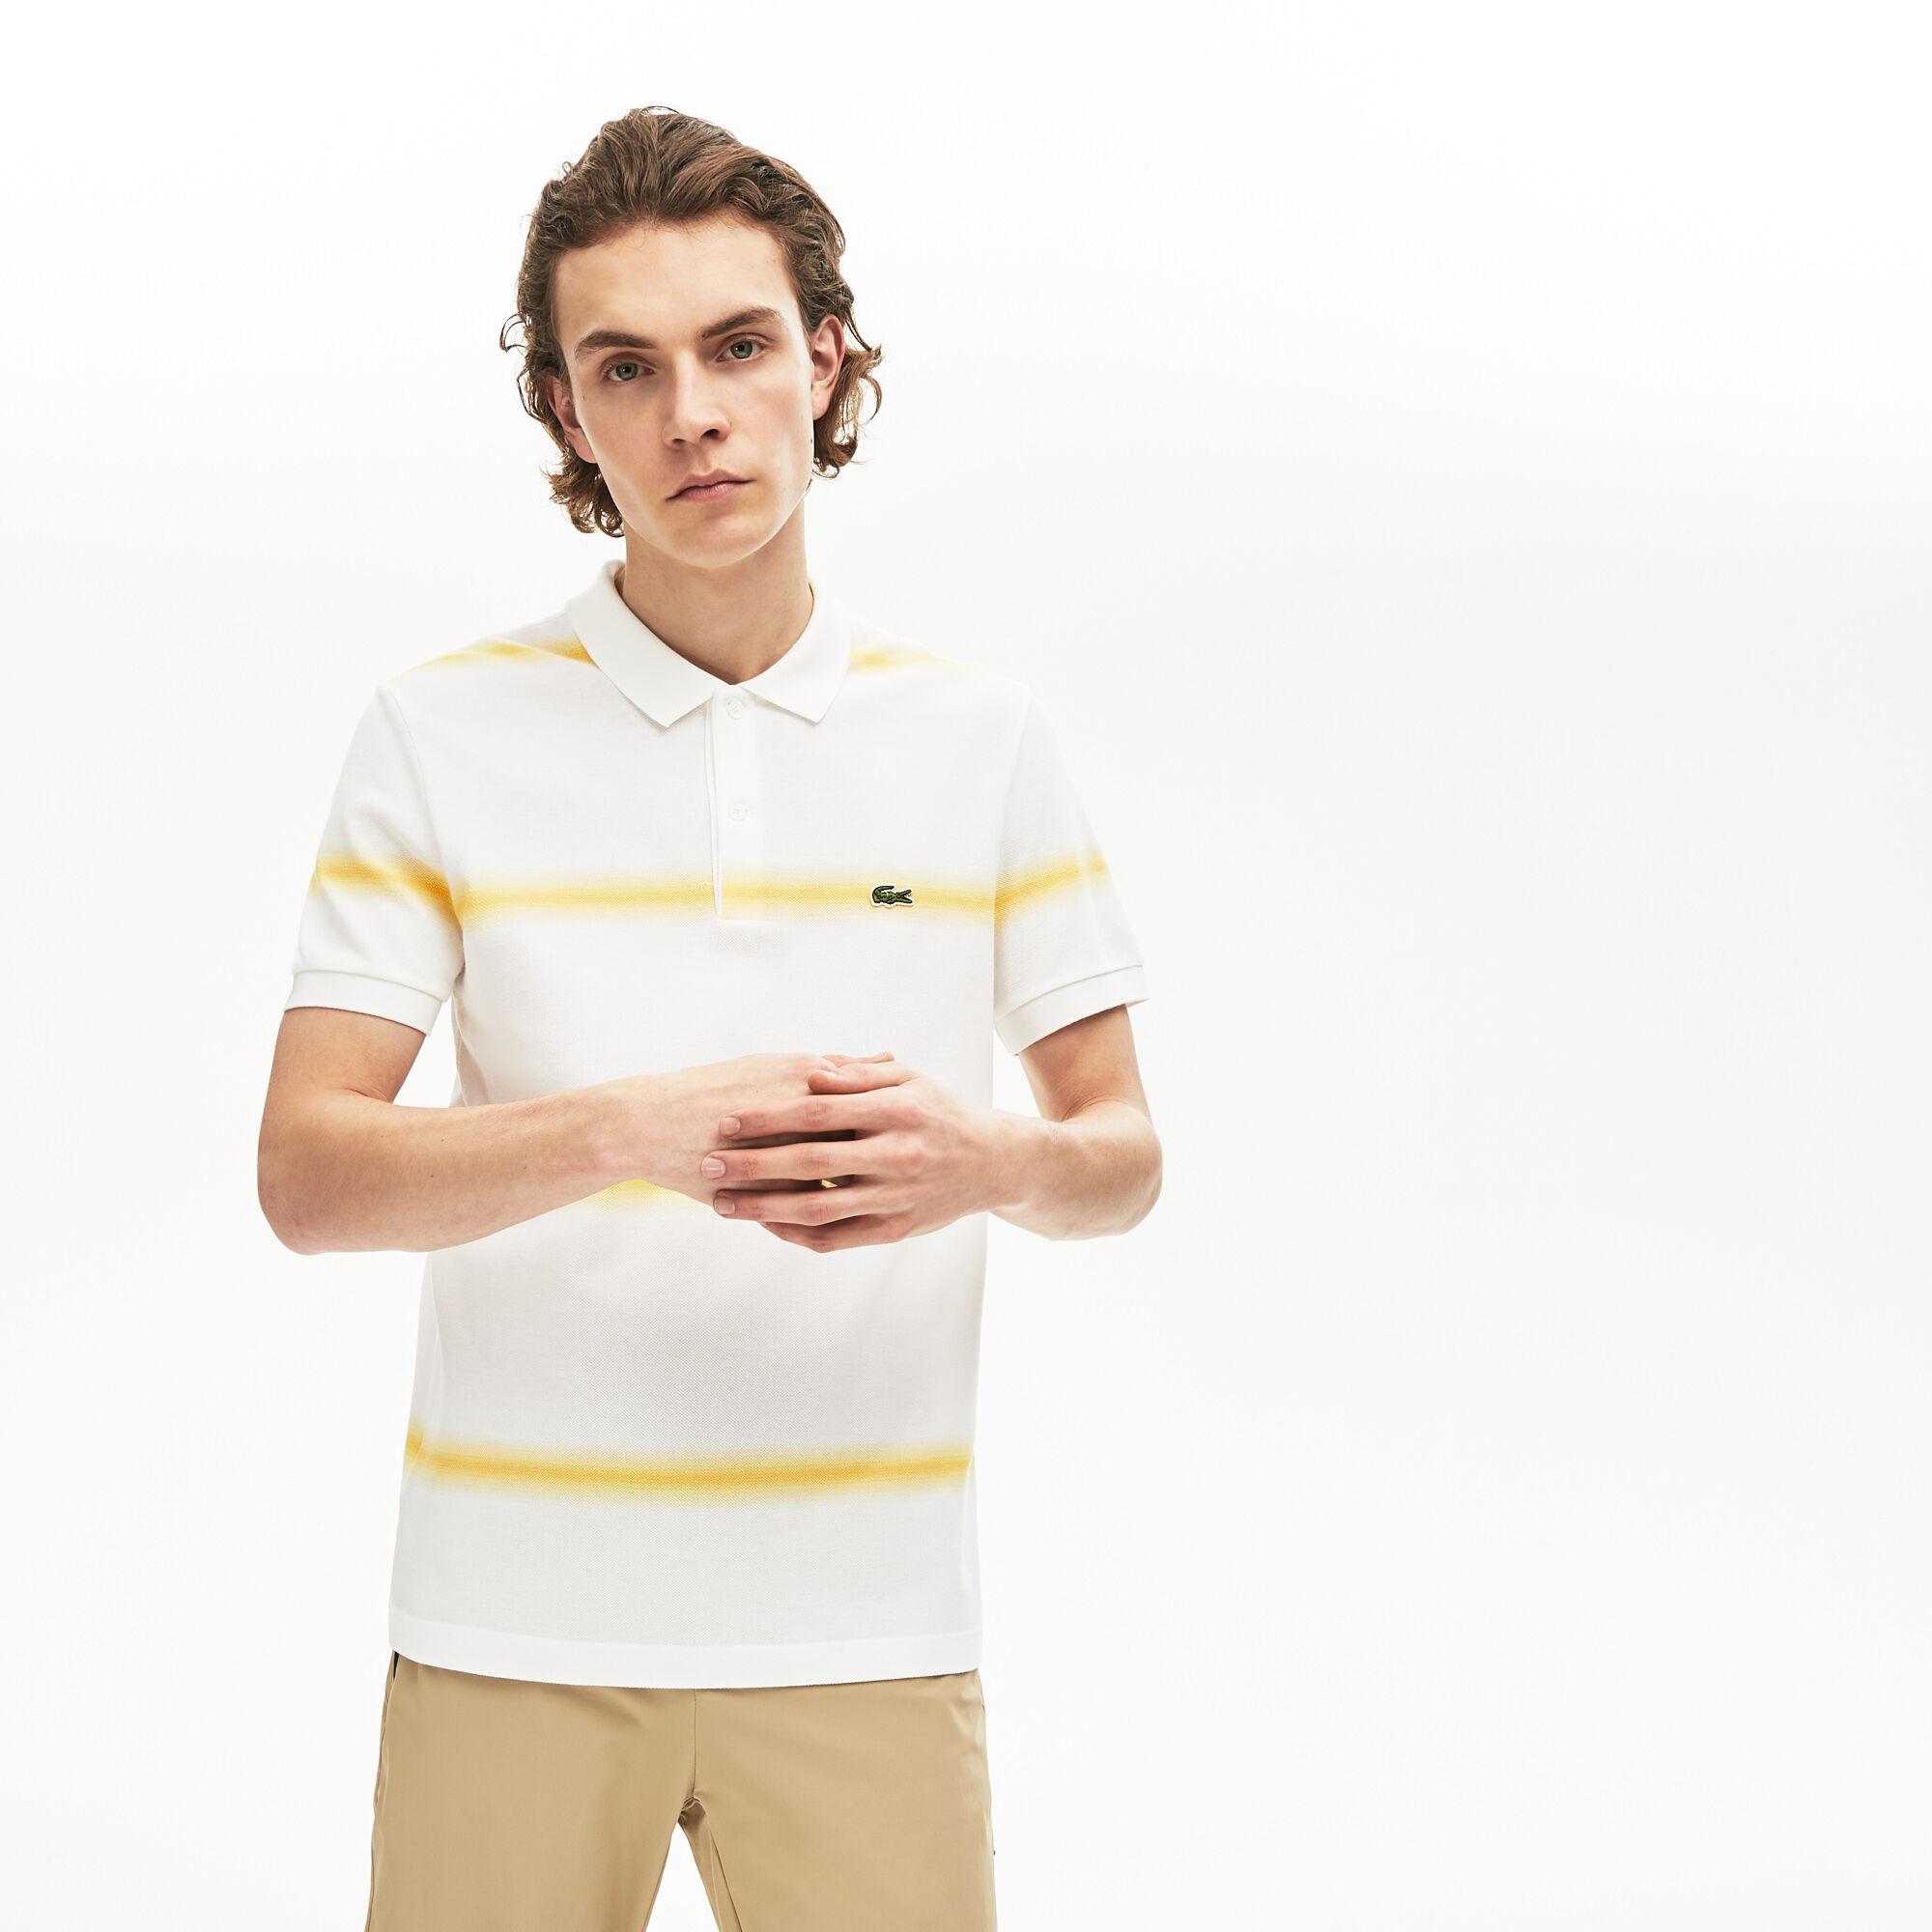 قميص بولو للرجال من قطن البيكيه ذو قصة عادية من مجموعة Made in France